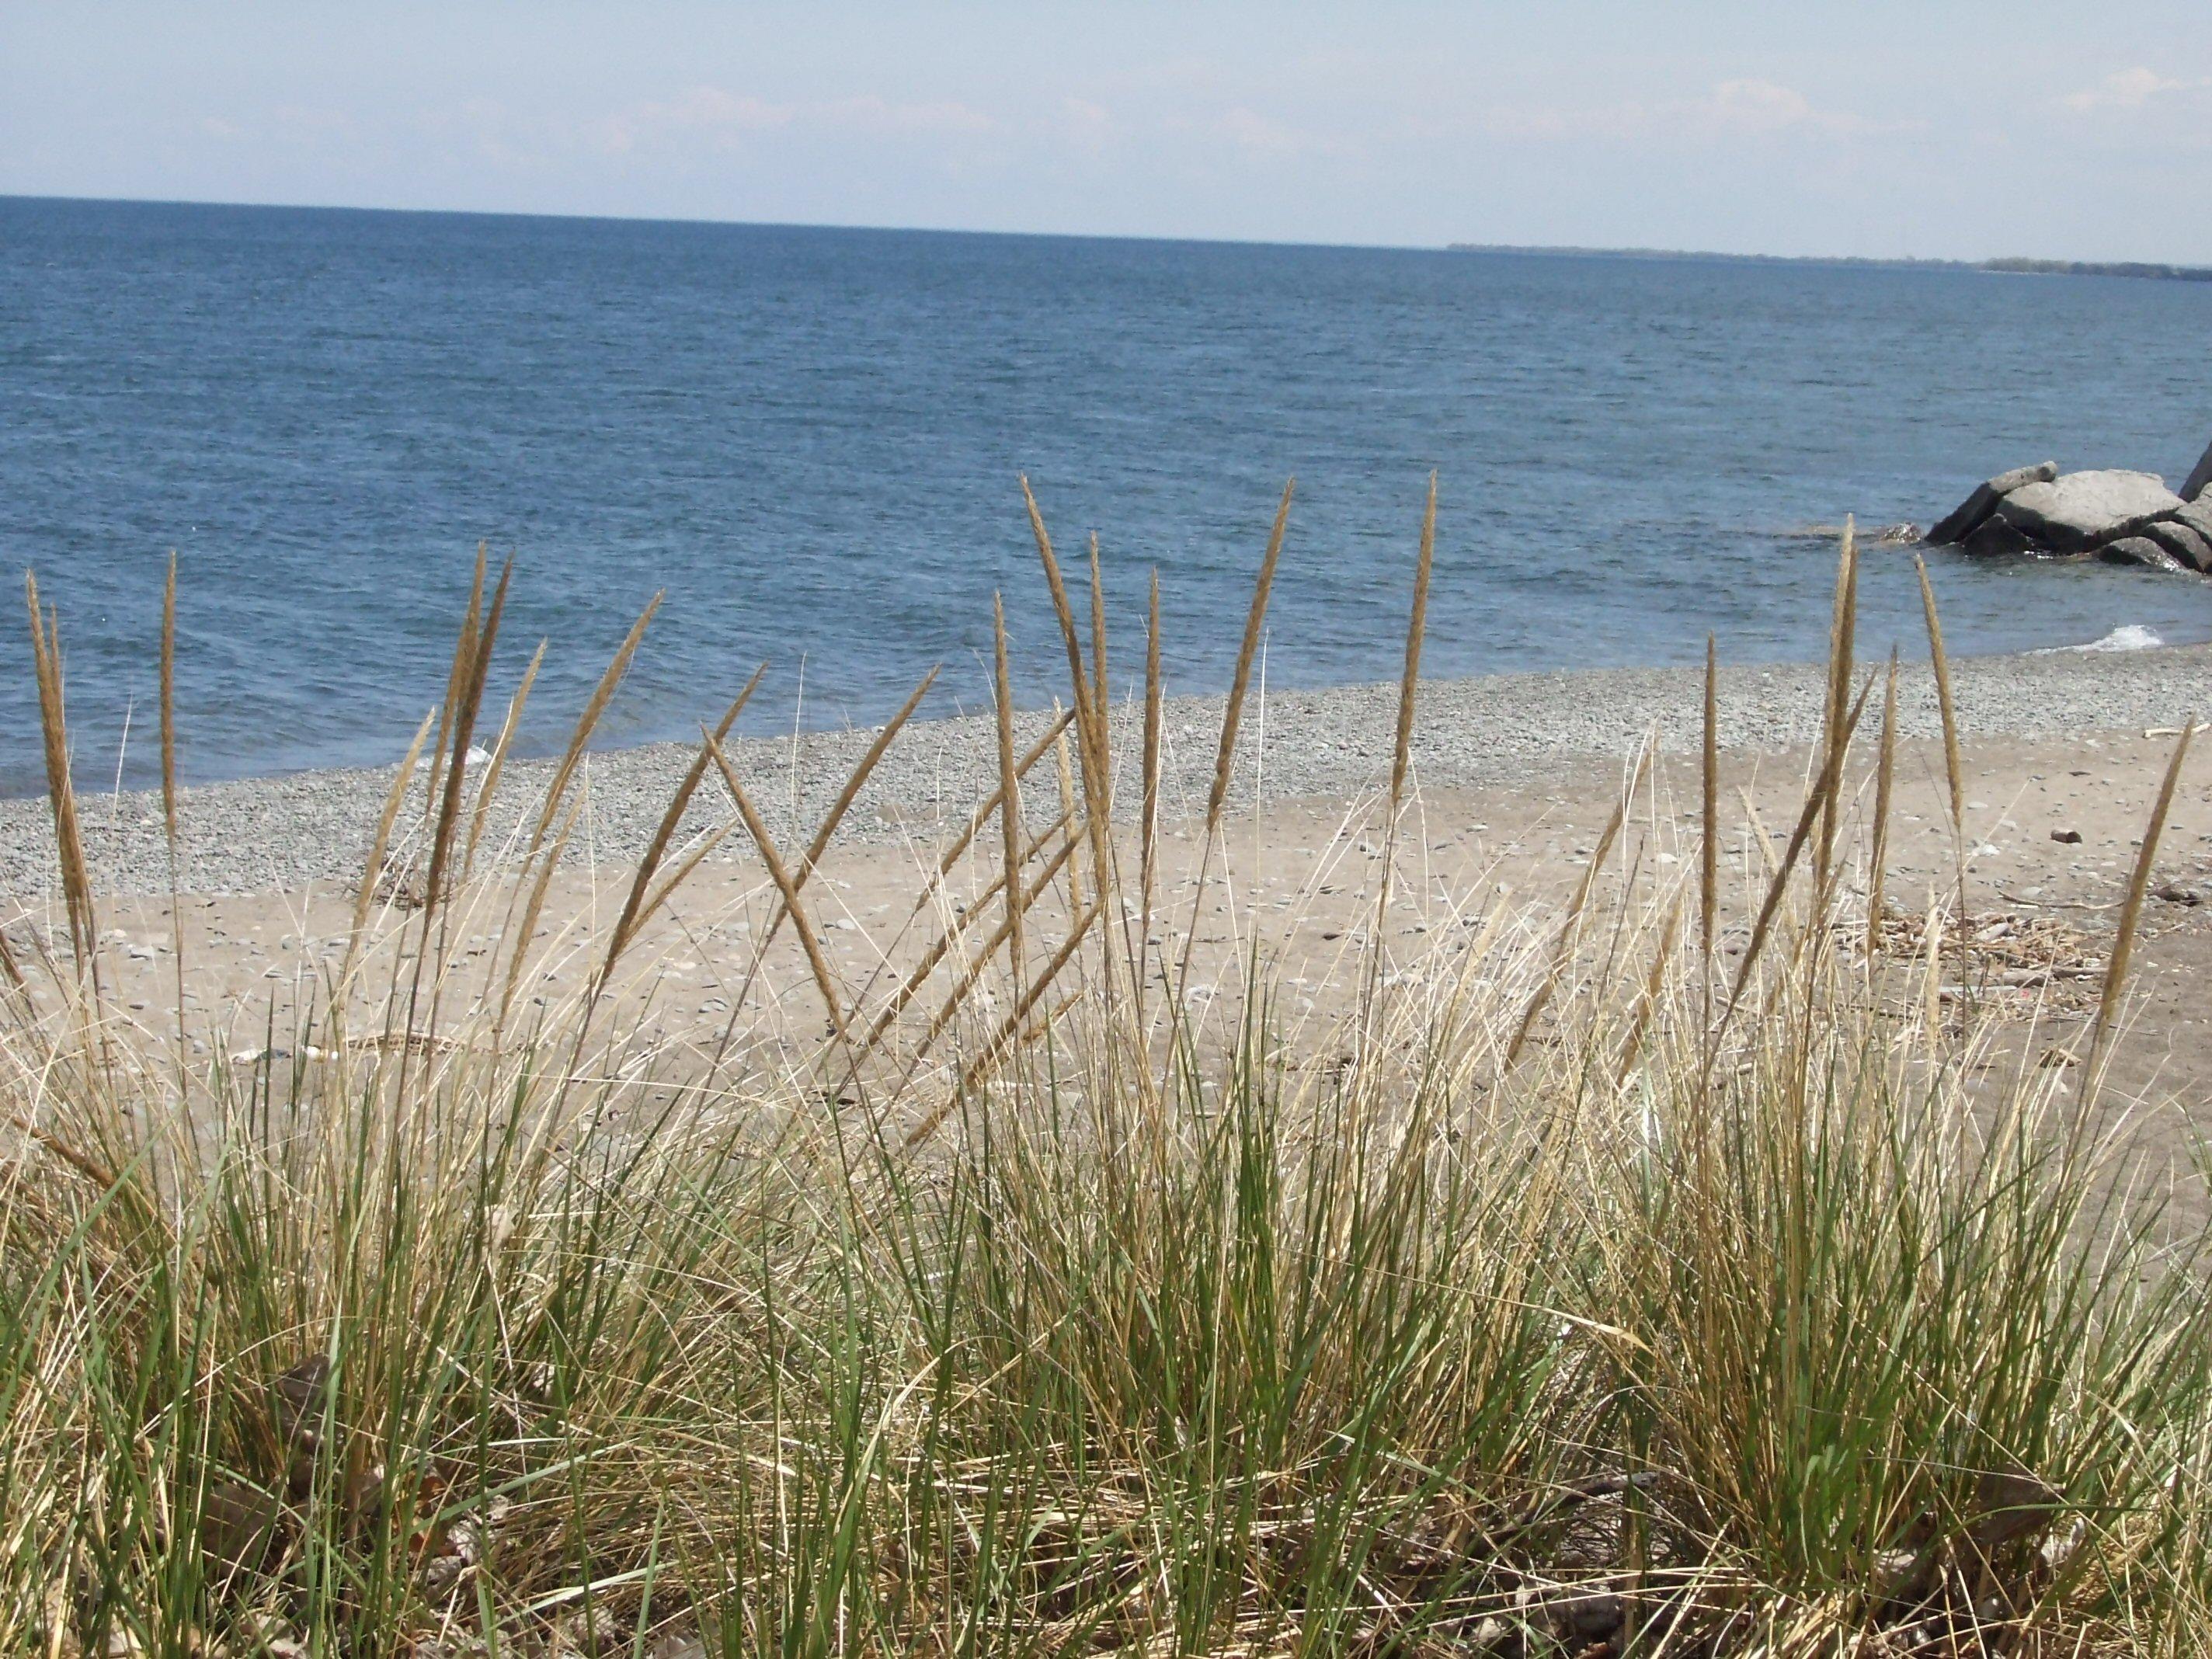 Grass at the beach, Beach, Blue, Fun, Grass, HQ Photo